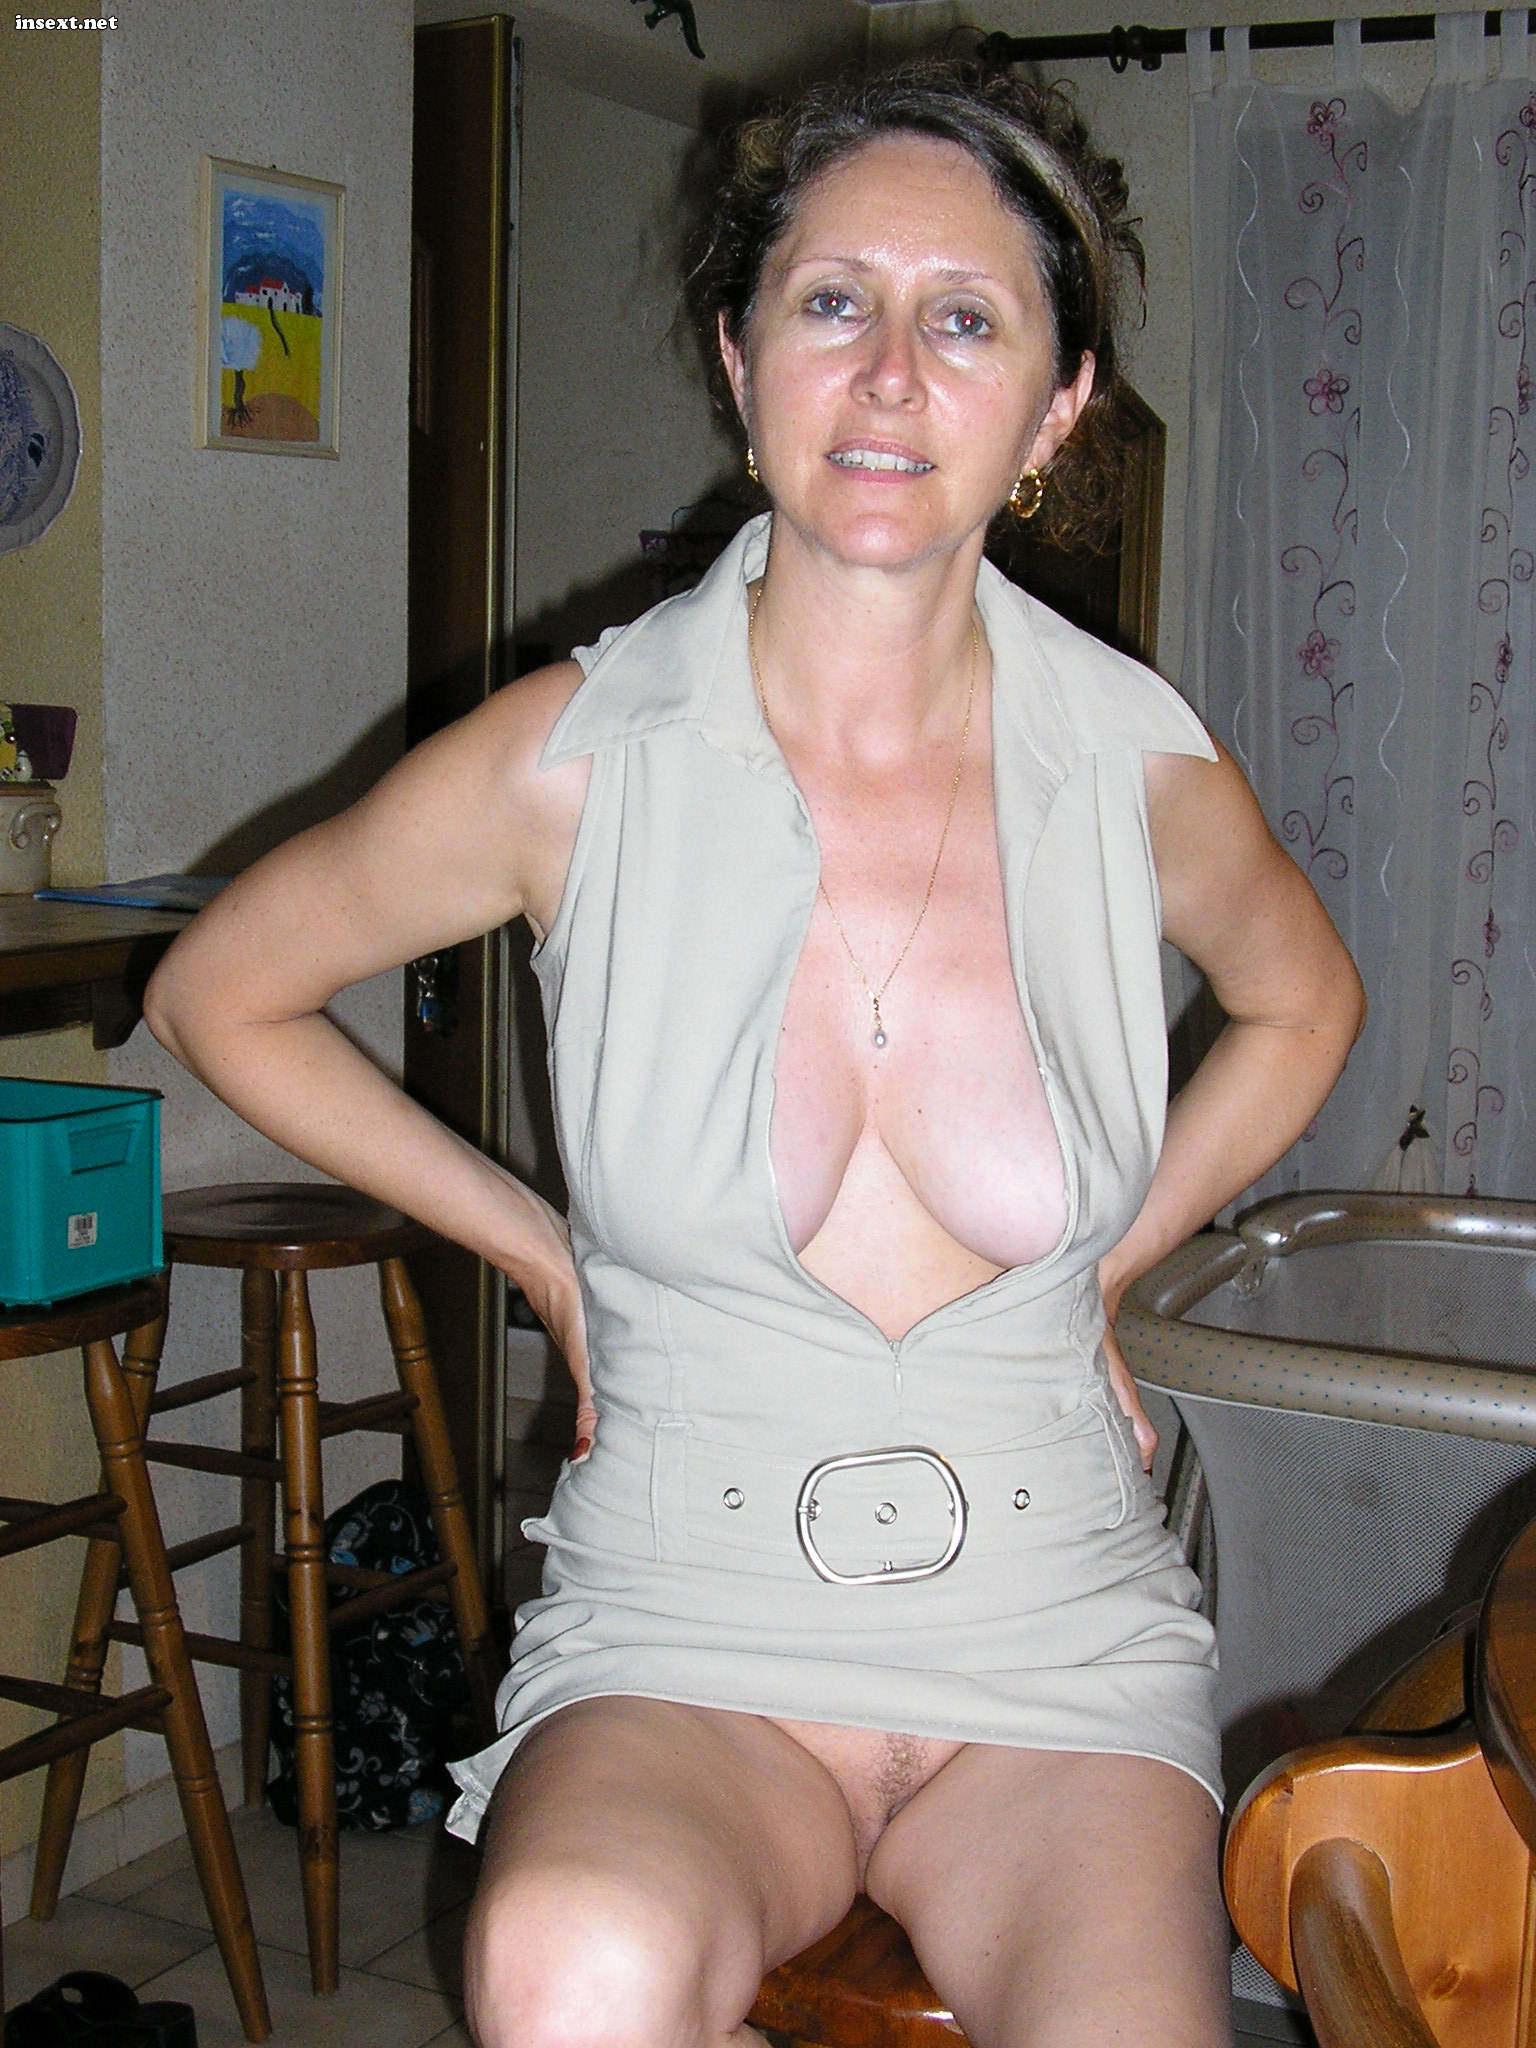 Amateur mature nude moms